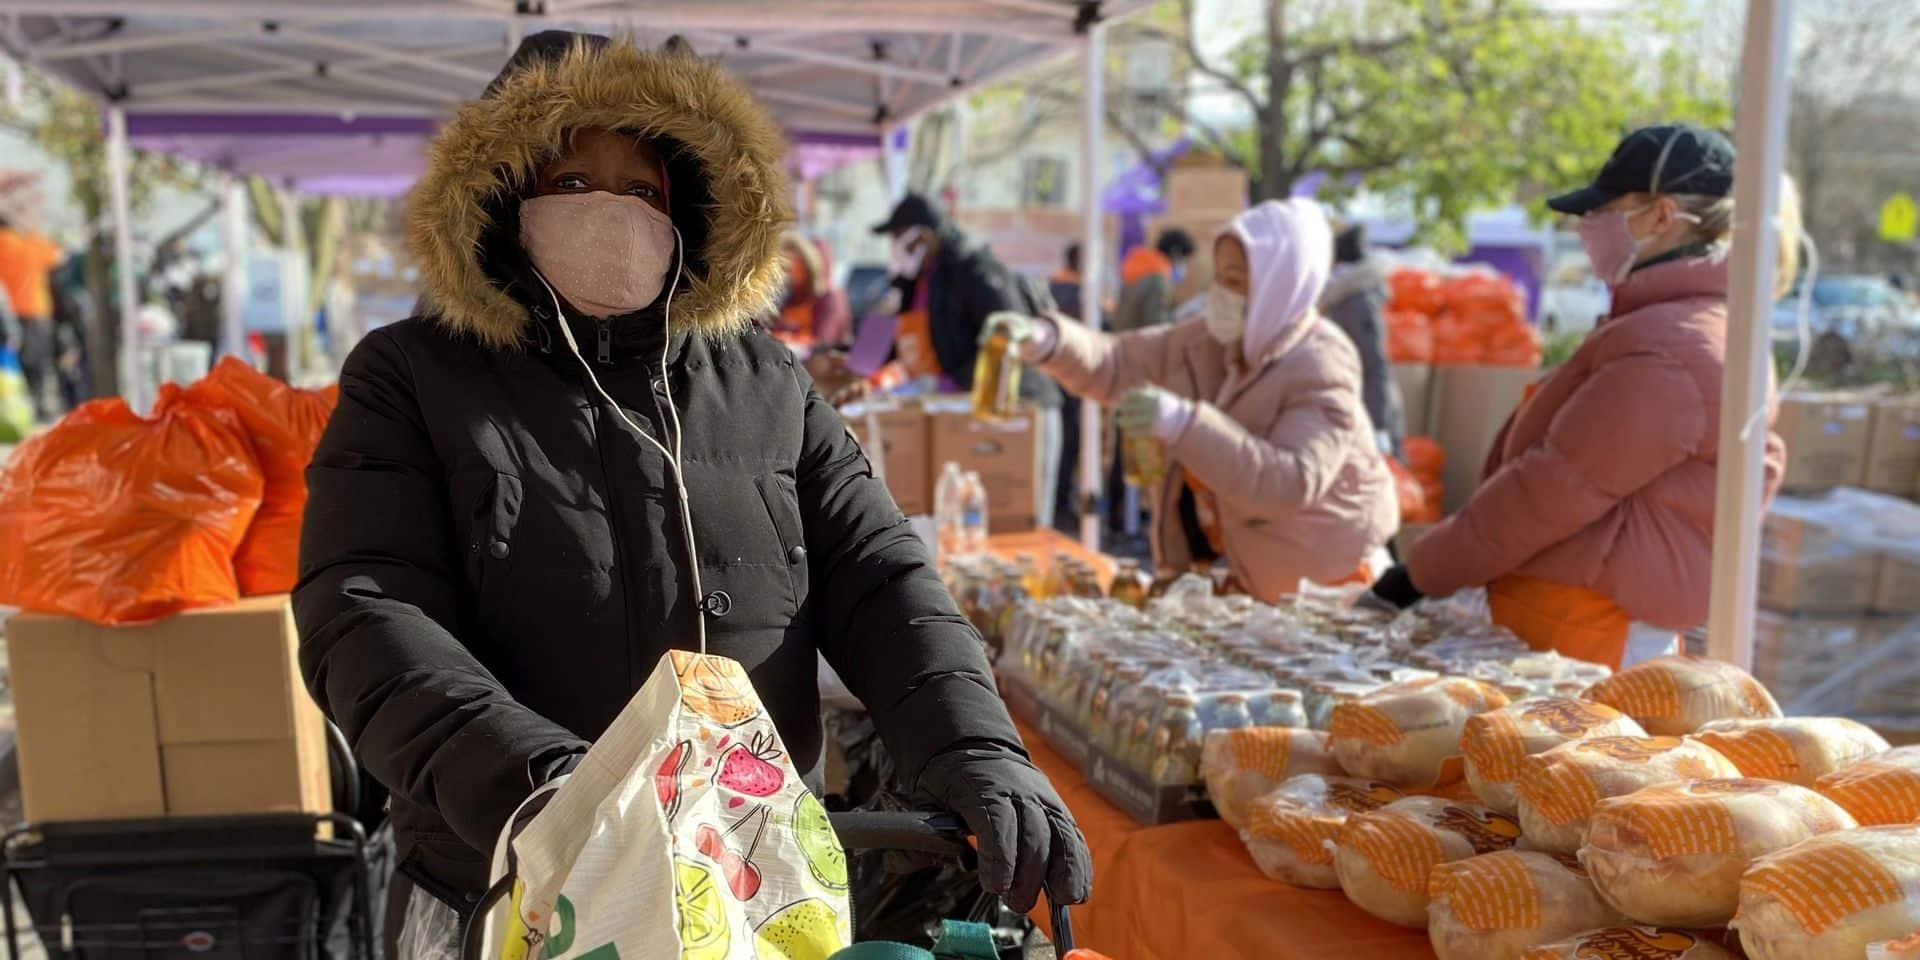 La faim, aspect caché de la crise sanitaire aux États-Unis